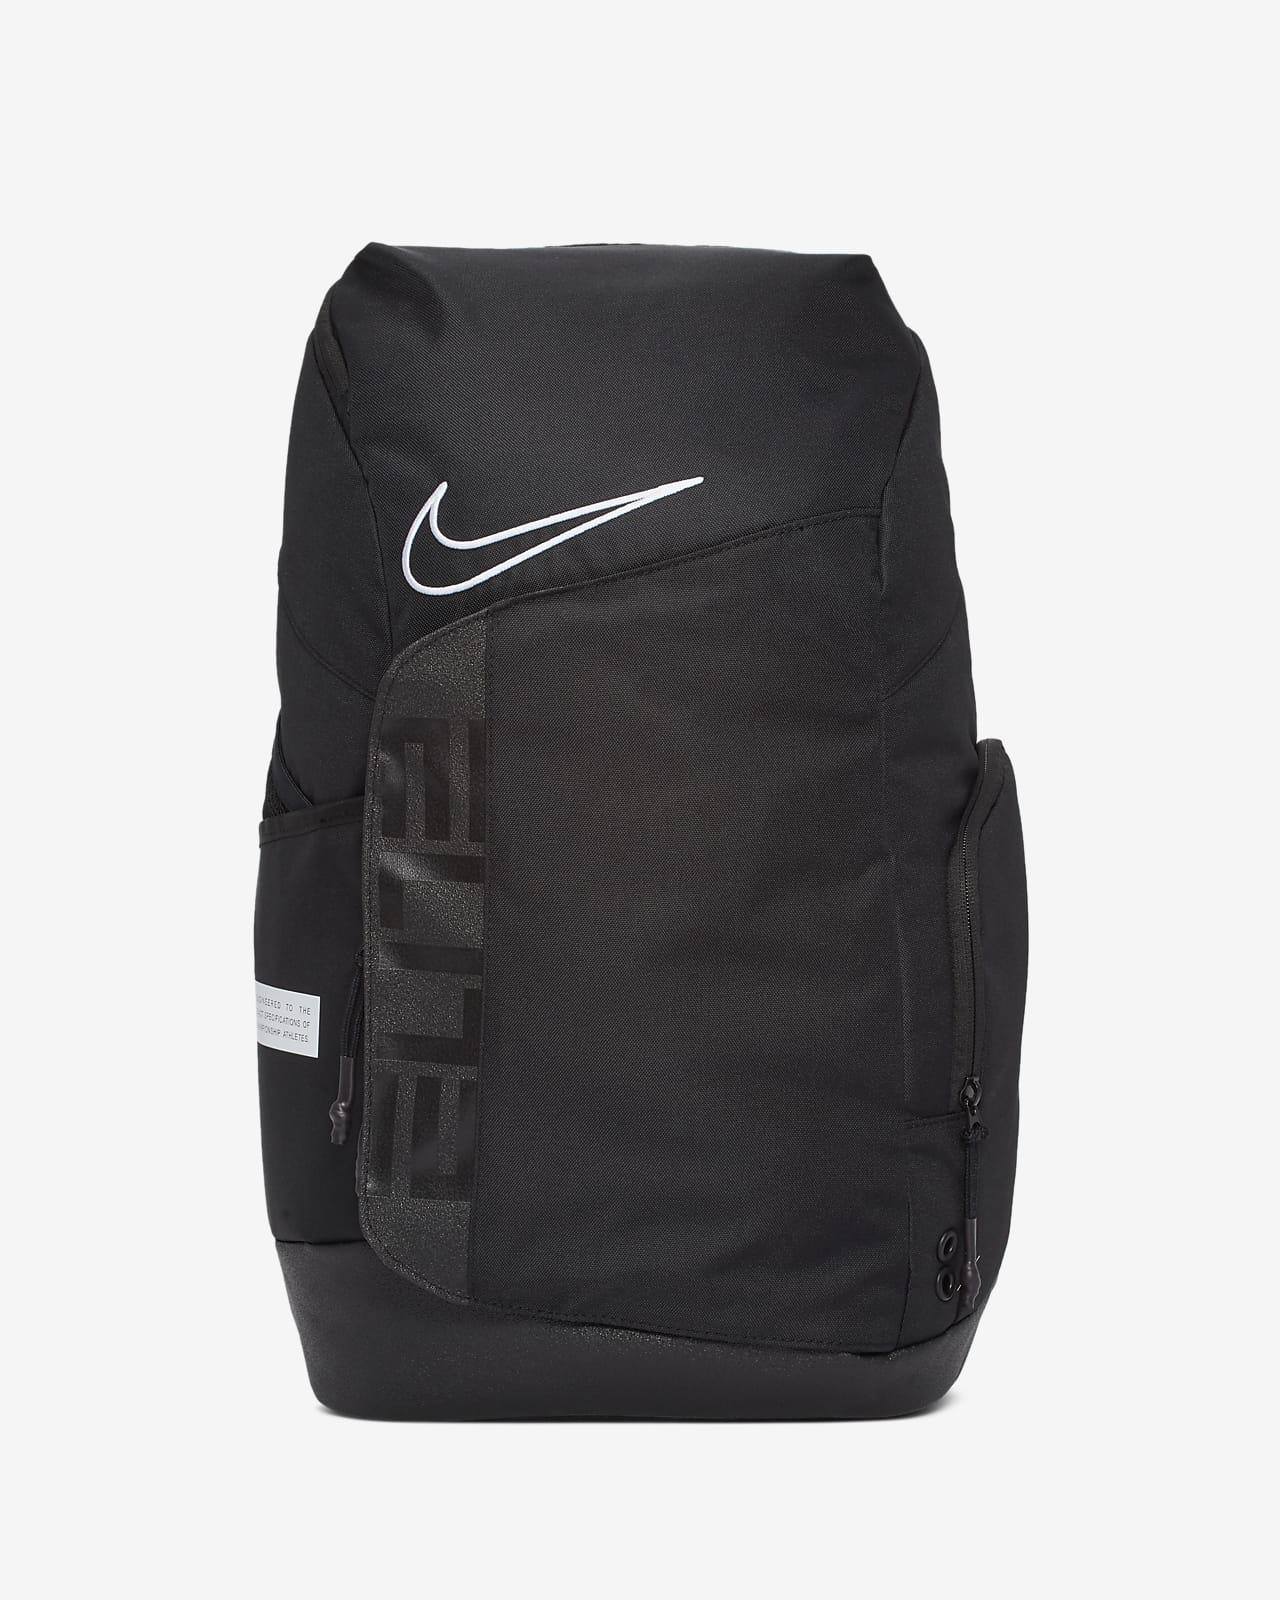 Nike Elite Pro Basketball-Rucksack